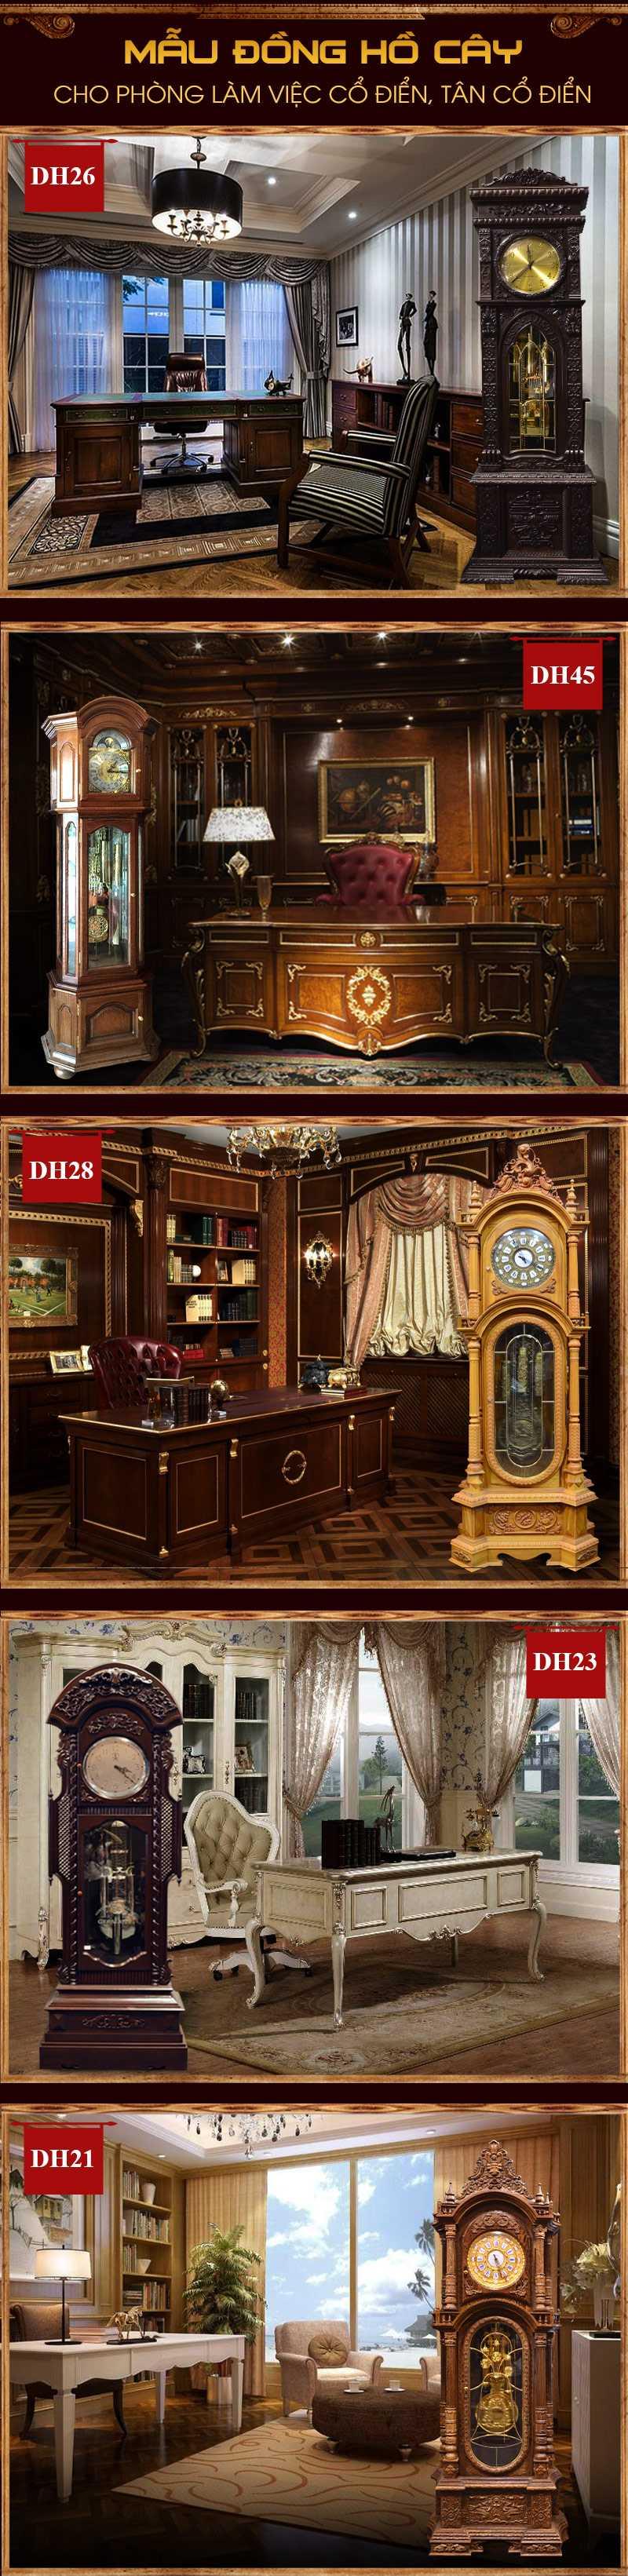 Cách bố trí mẫu đồng hồ cây tân cổ điển, cổ điển đẹp cho phòng làm việc